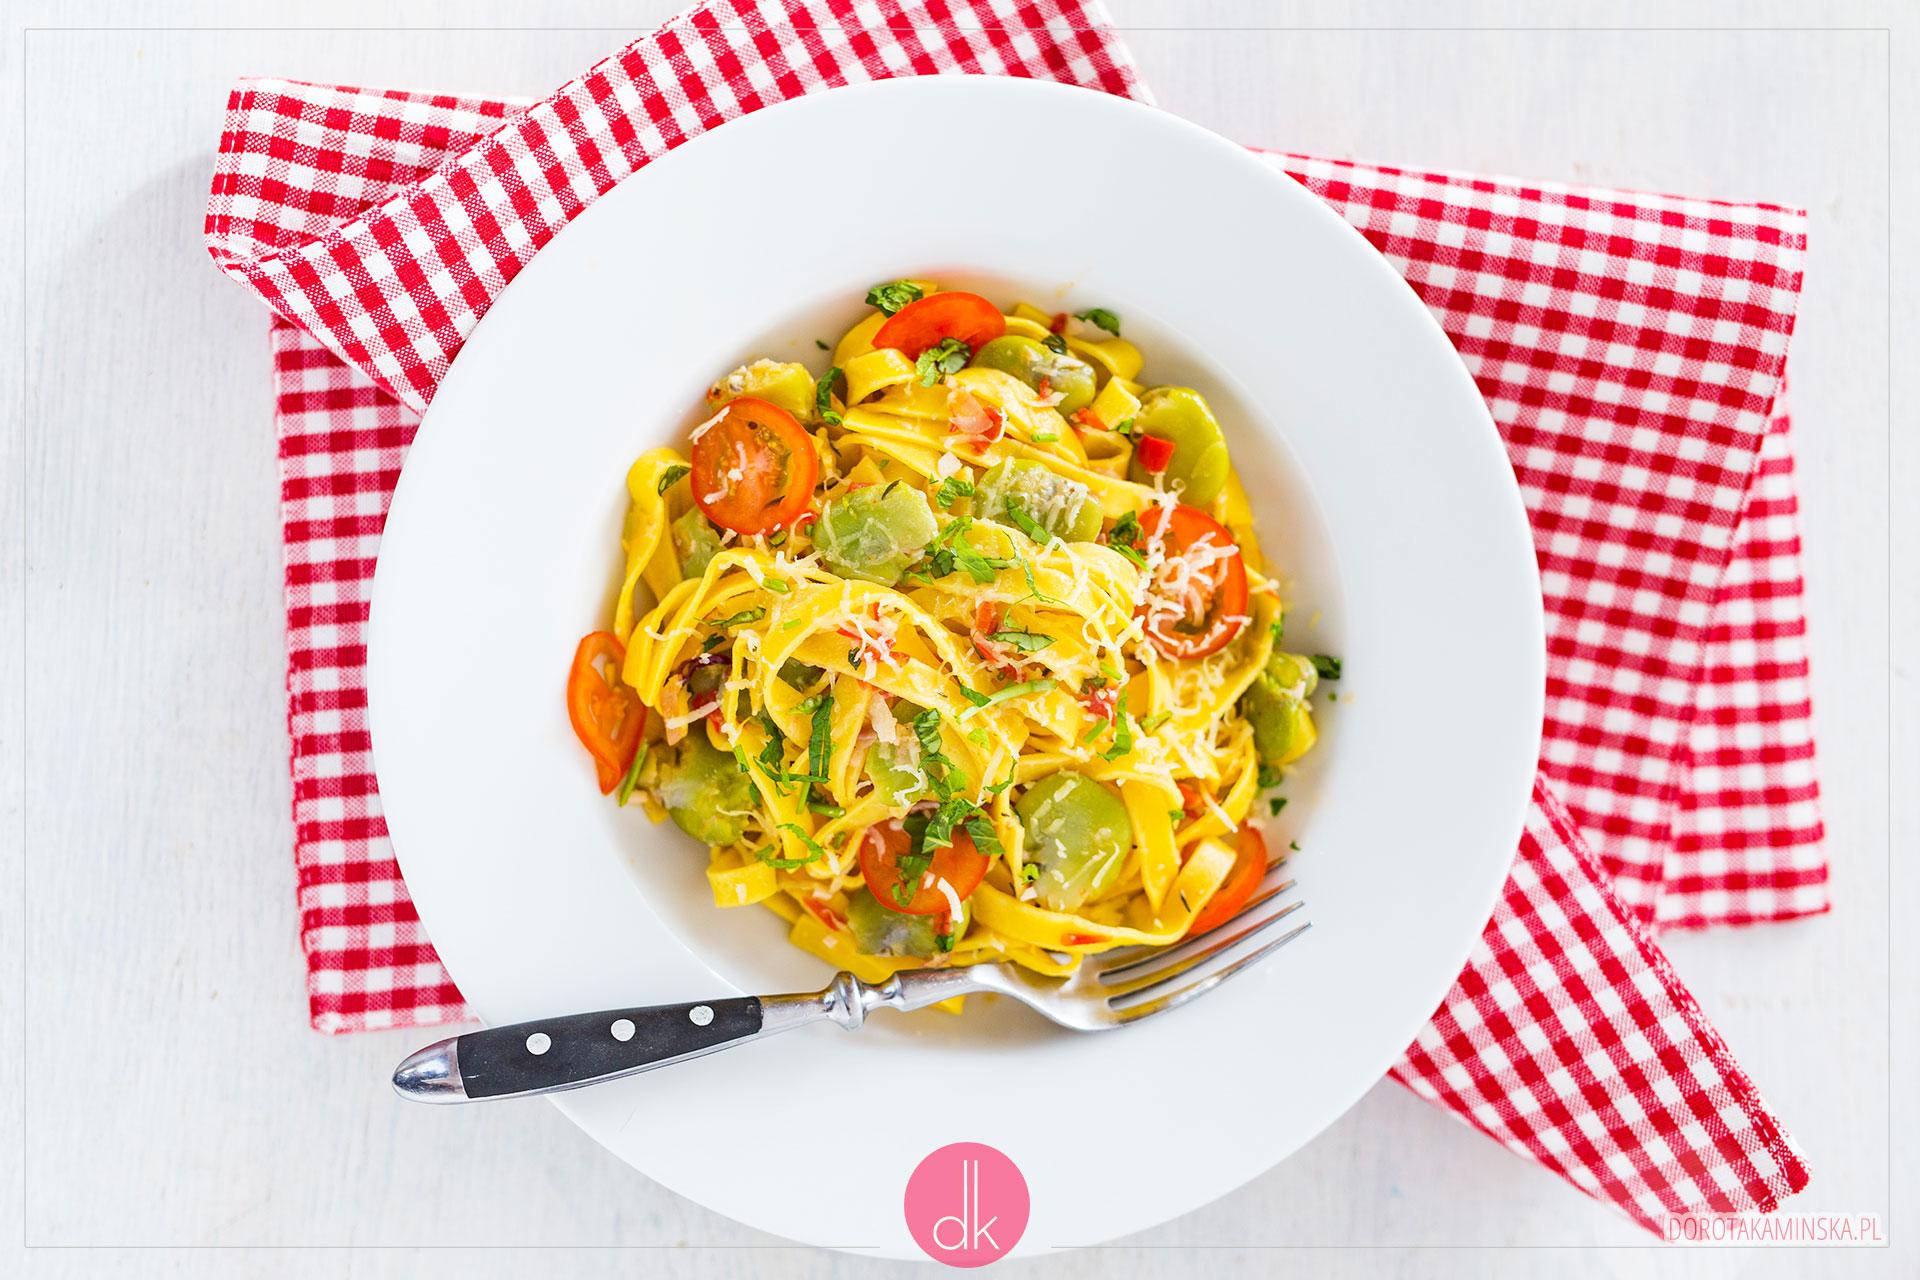 Makaron z bobem - prosty przepis i szybki obiad